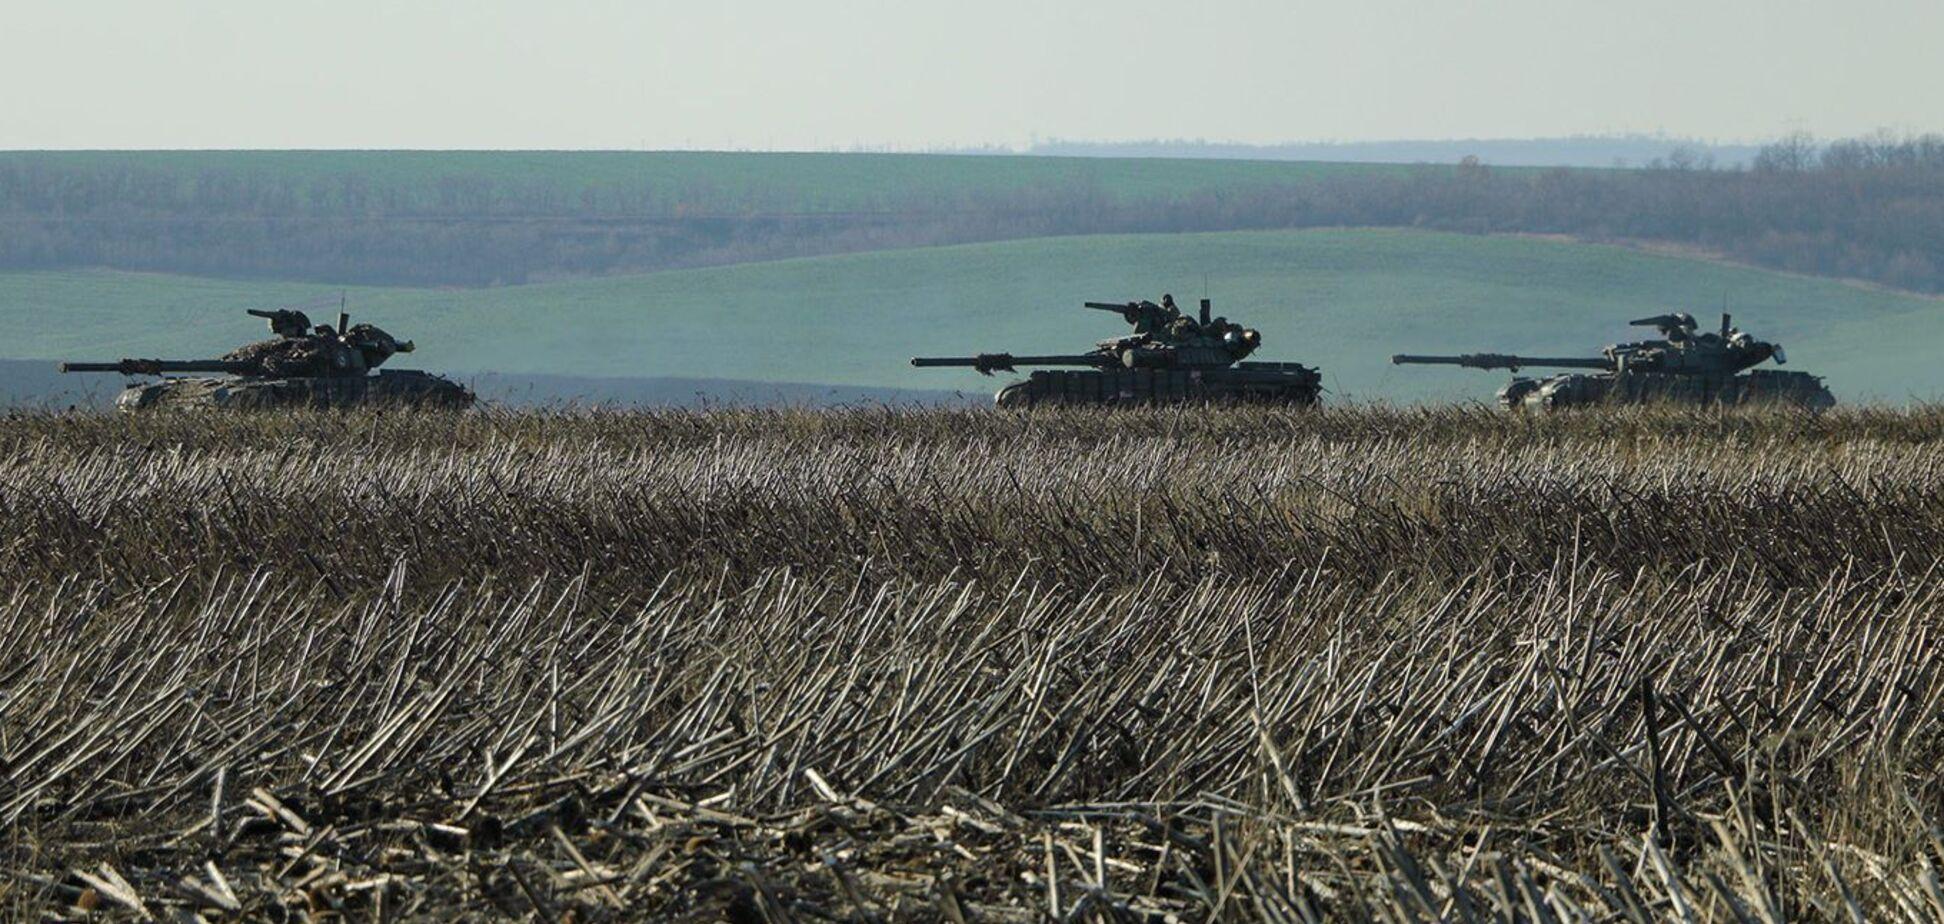 Міноборони відповіло на погрози Росії щодо постачання зброї ОРДЛО